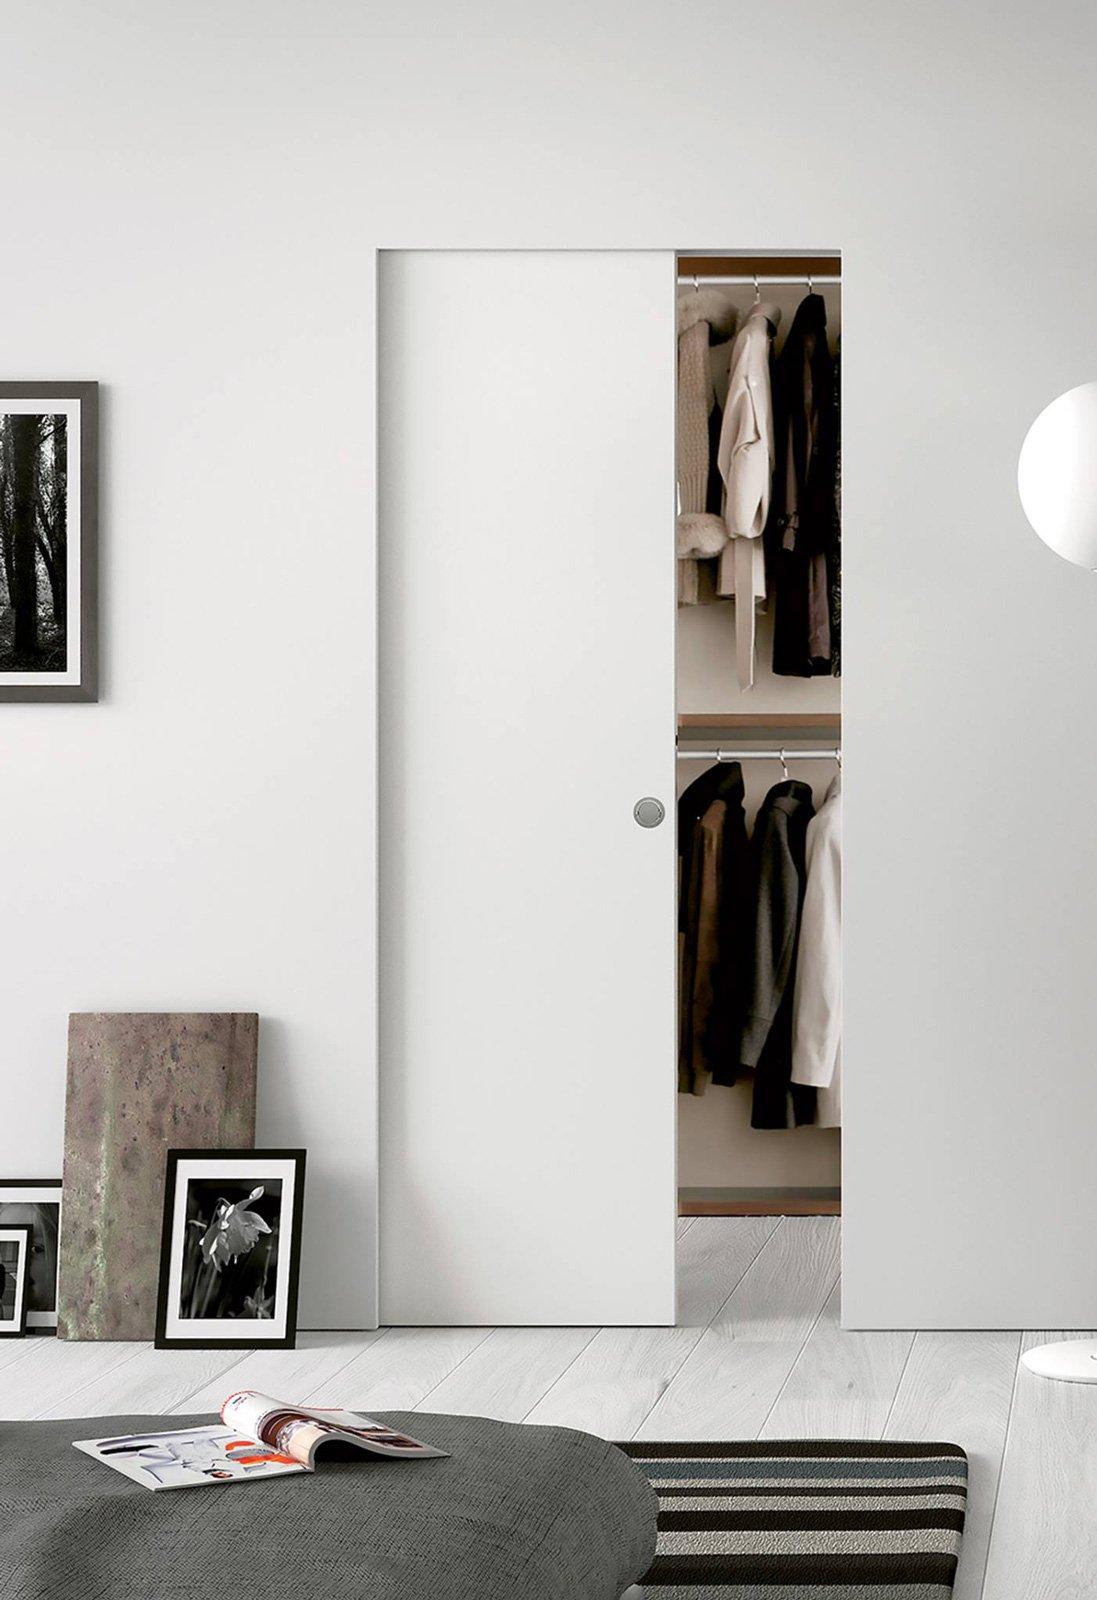 Porte per la cabina armadio grandi e piccole cose di casa - Appendiabiti per cabina armadio ...